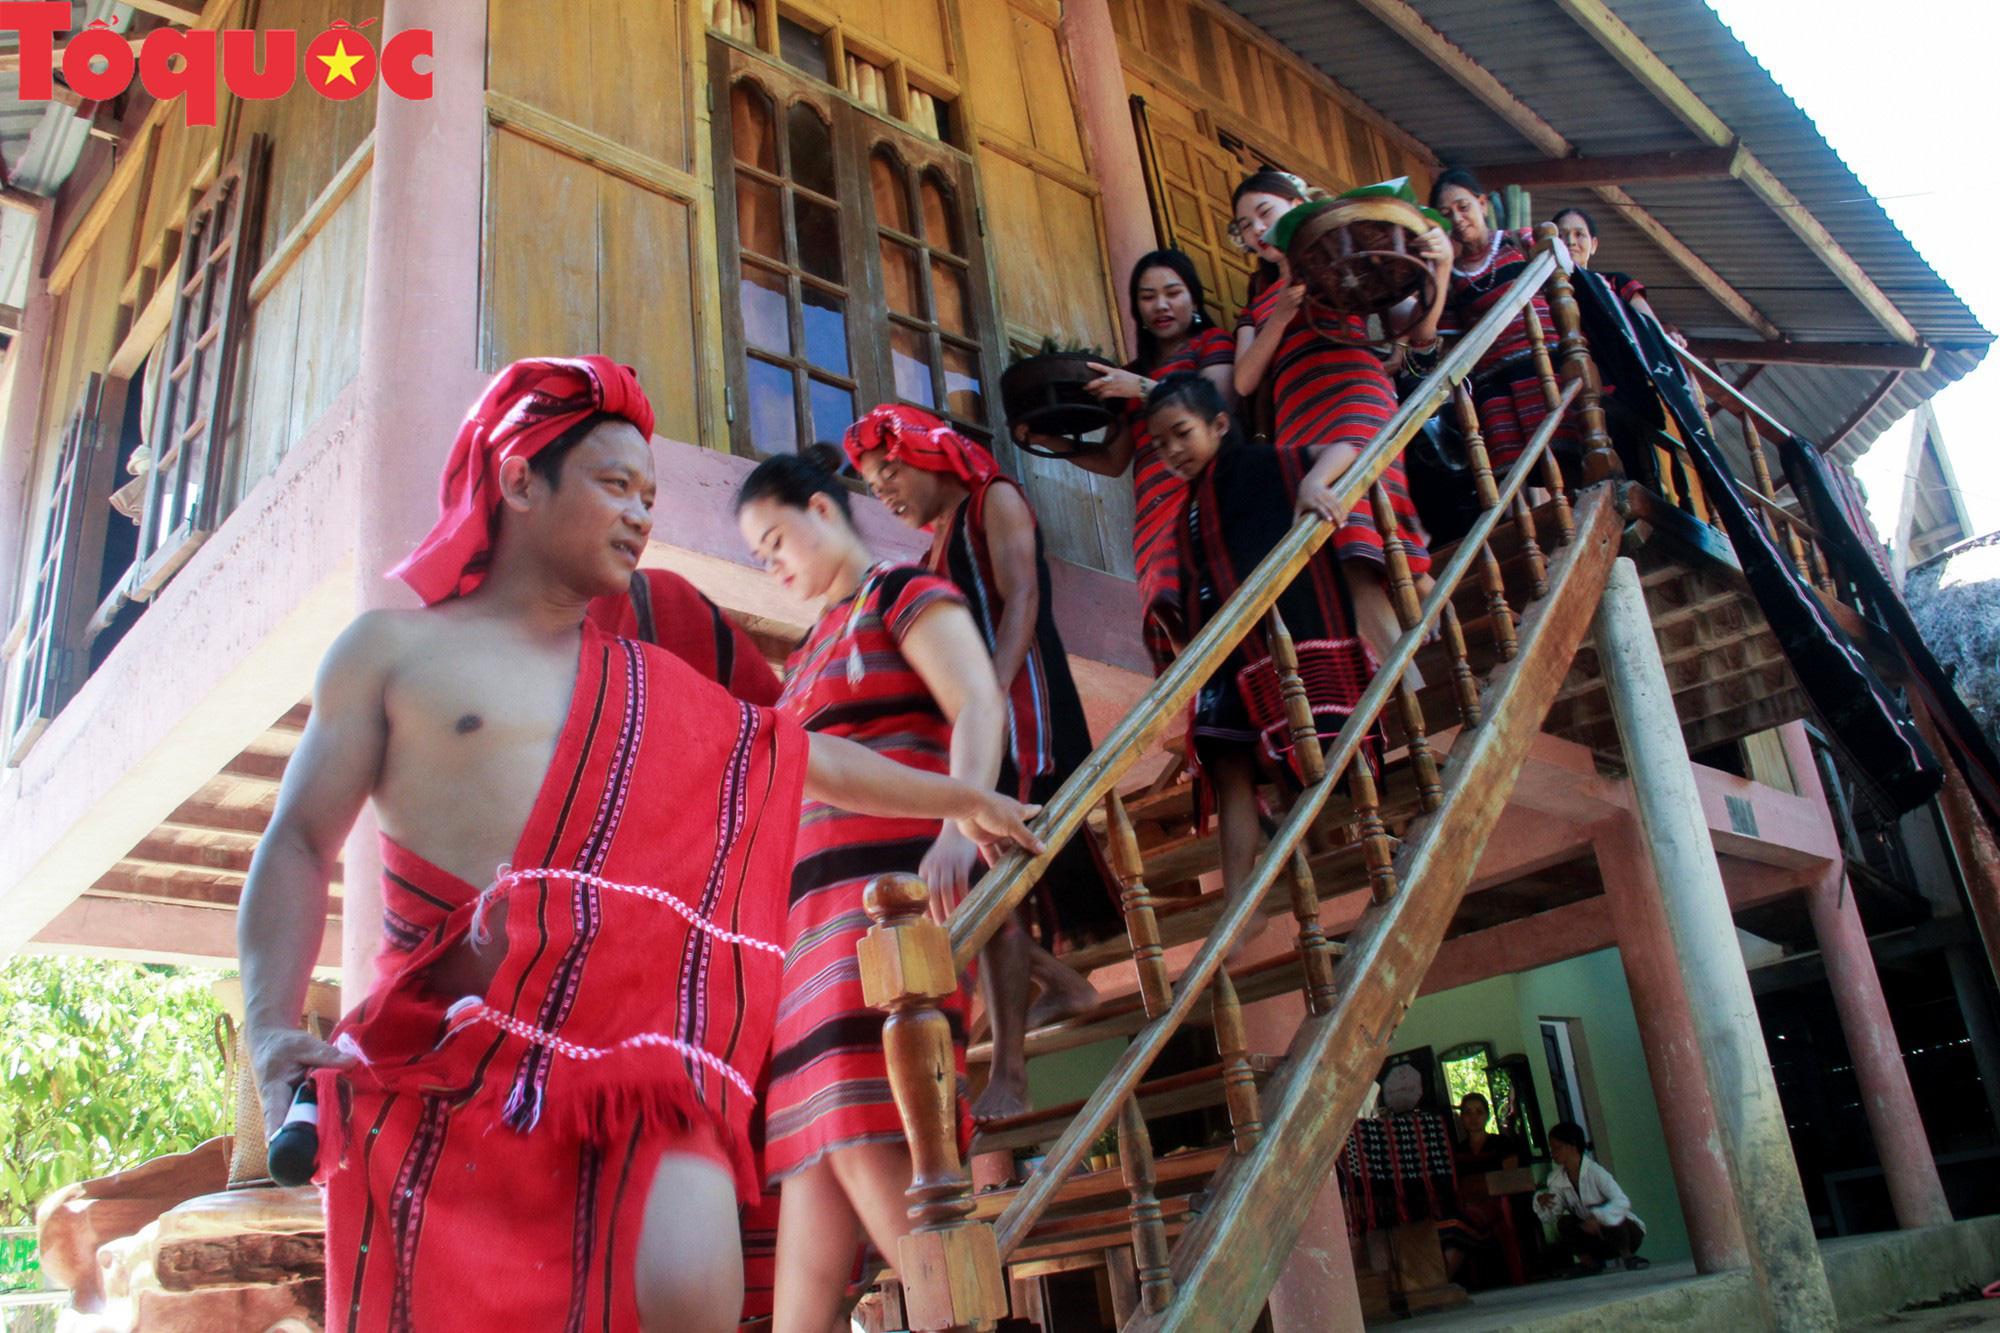 Độc đáo lễ cưới của người Pa Cô - Ảnh 5.